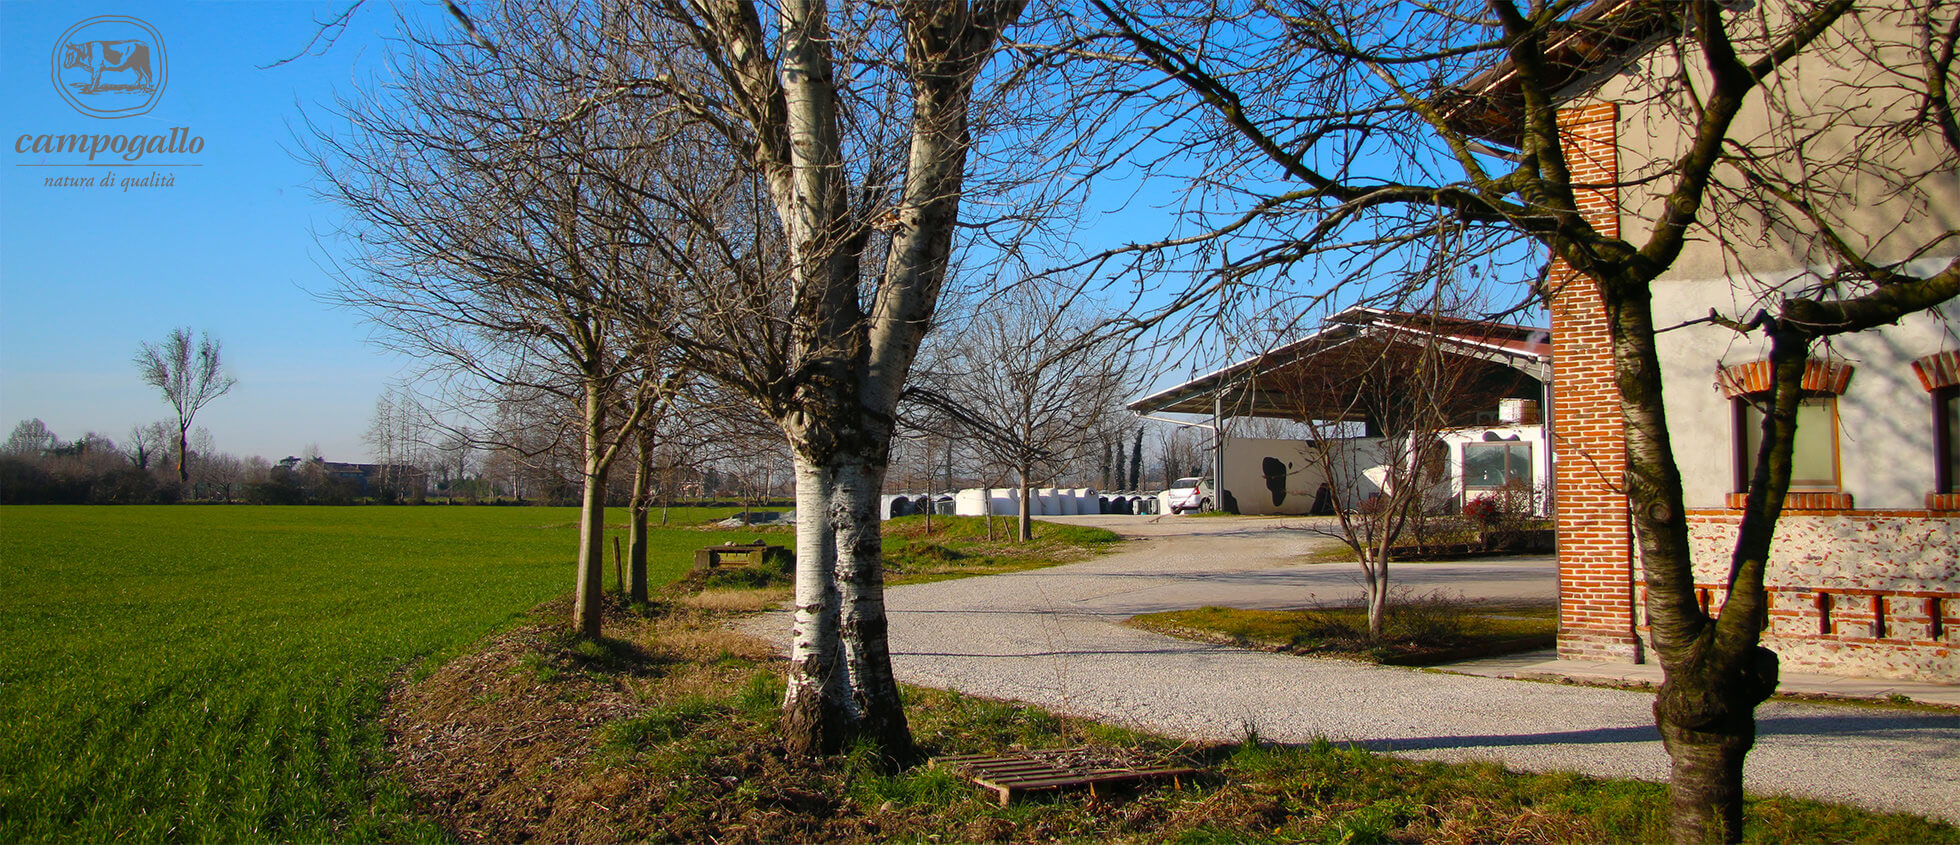 Azienda Agricola ambiente natura qualità